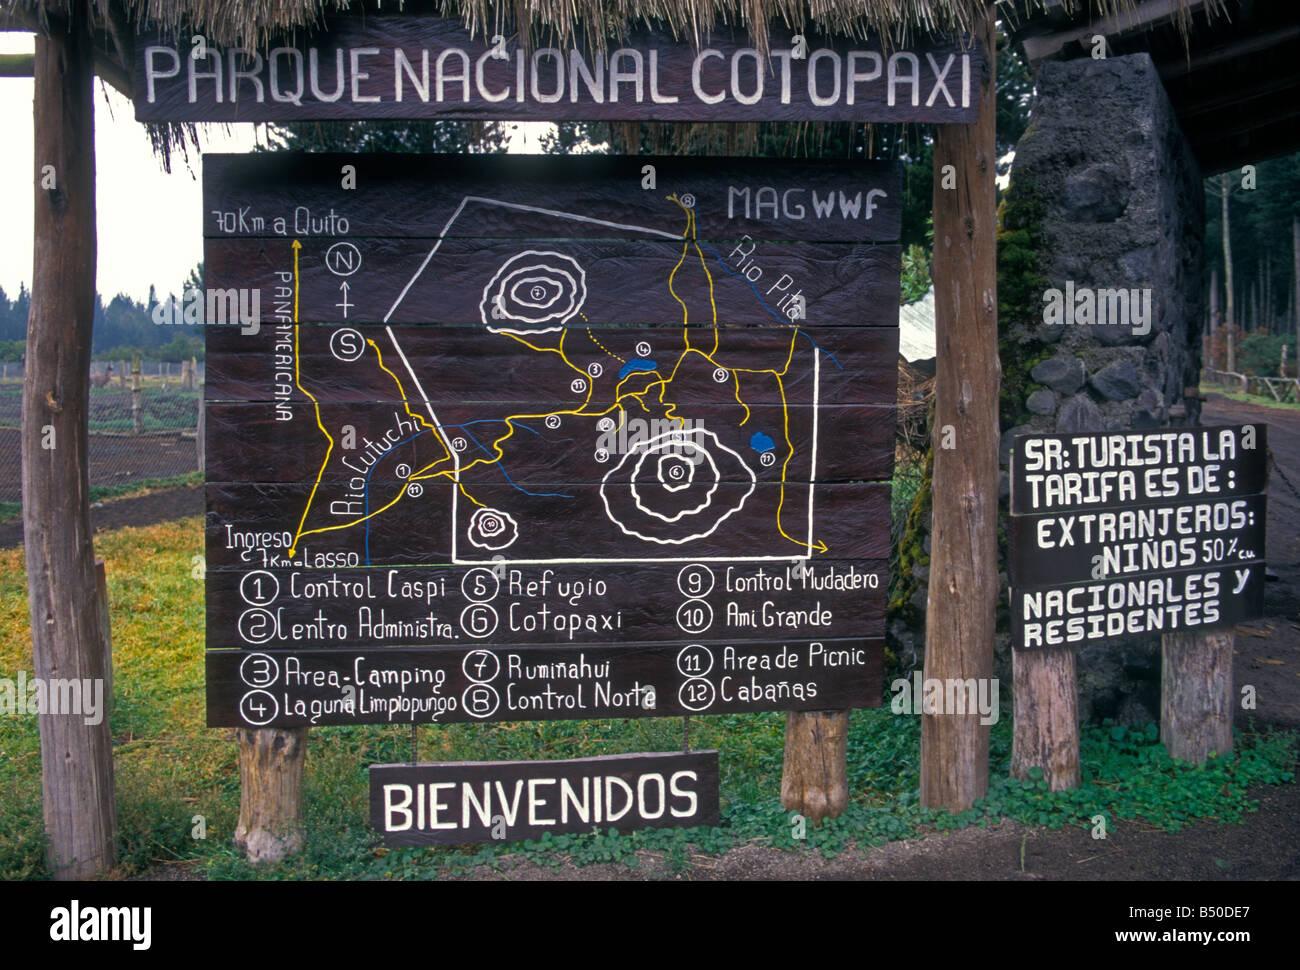 Welcome sign bienvenidos entrance map cotopaxi national park welcome sign bienvenidos entrance map cotopaxi national park parque nacional cotopaxi cotopaxi province ecuador south america ccuart Gallery